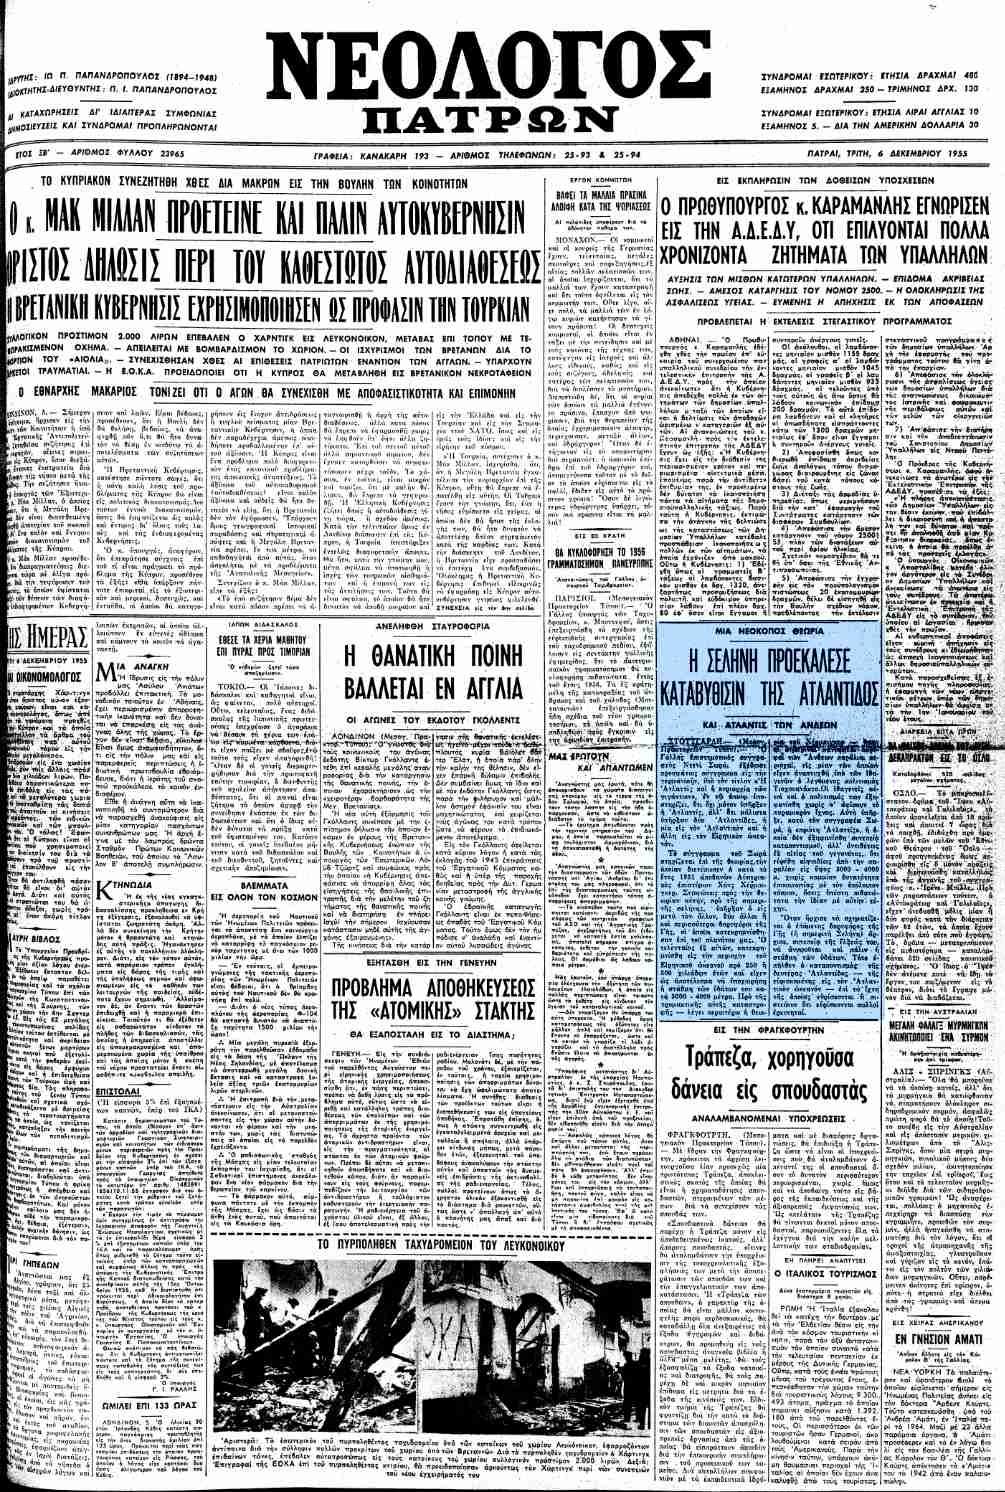 """Το άρθρο, όπως δημοσιεύθηκε στην εφημερίδα """"ΝΕΟΛΟΓΟΣ ΠΑΤΡΩΝ"""", στις 06/12/1955"""